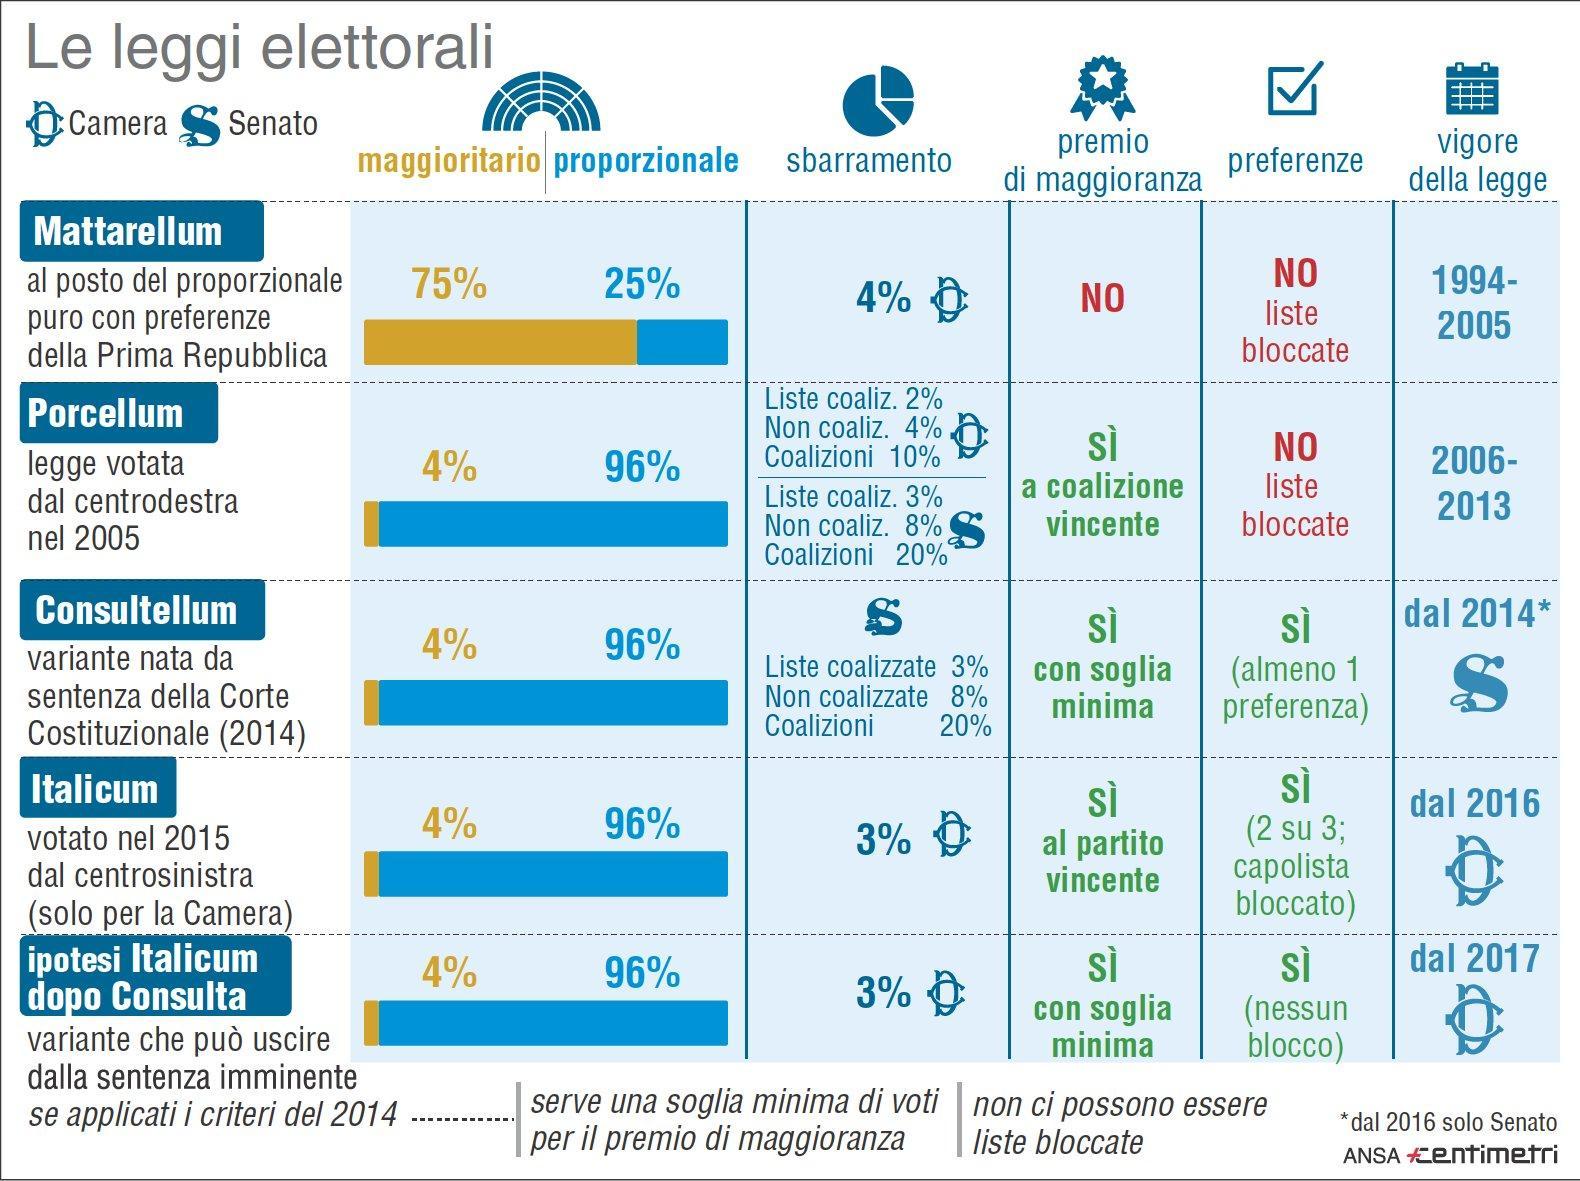 Le leggi elettorali a confronto